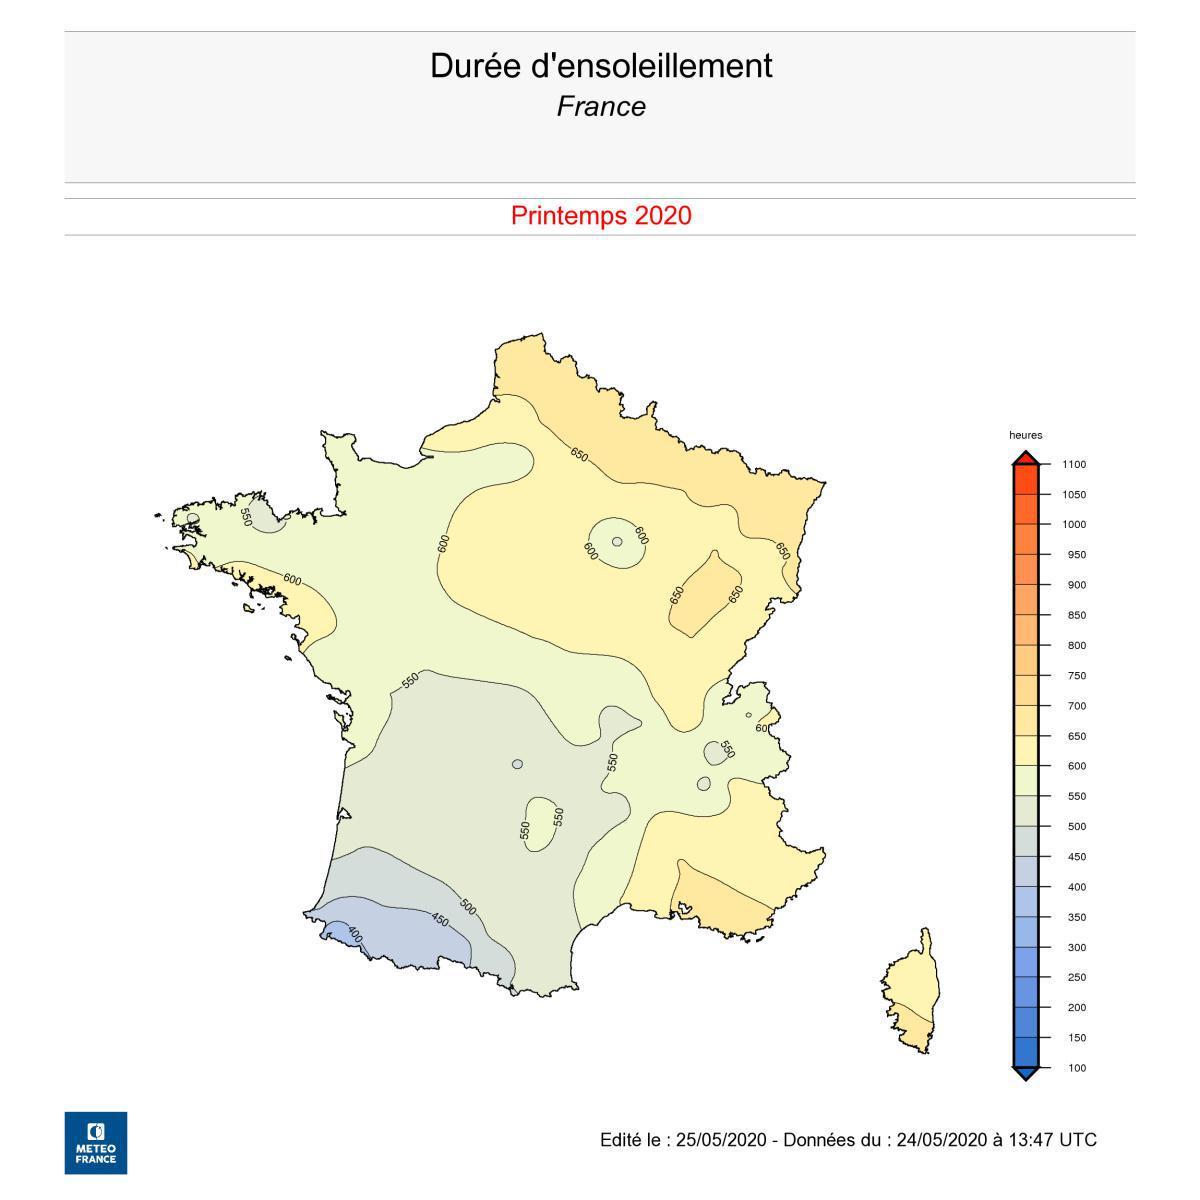 La Côte d'Opale, territoire le plus ensoleillé de France en ce printemps 2020 !